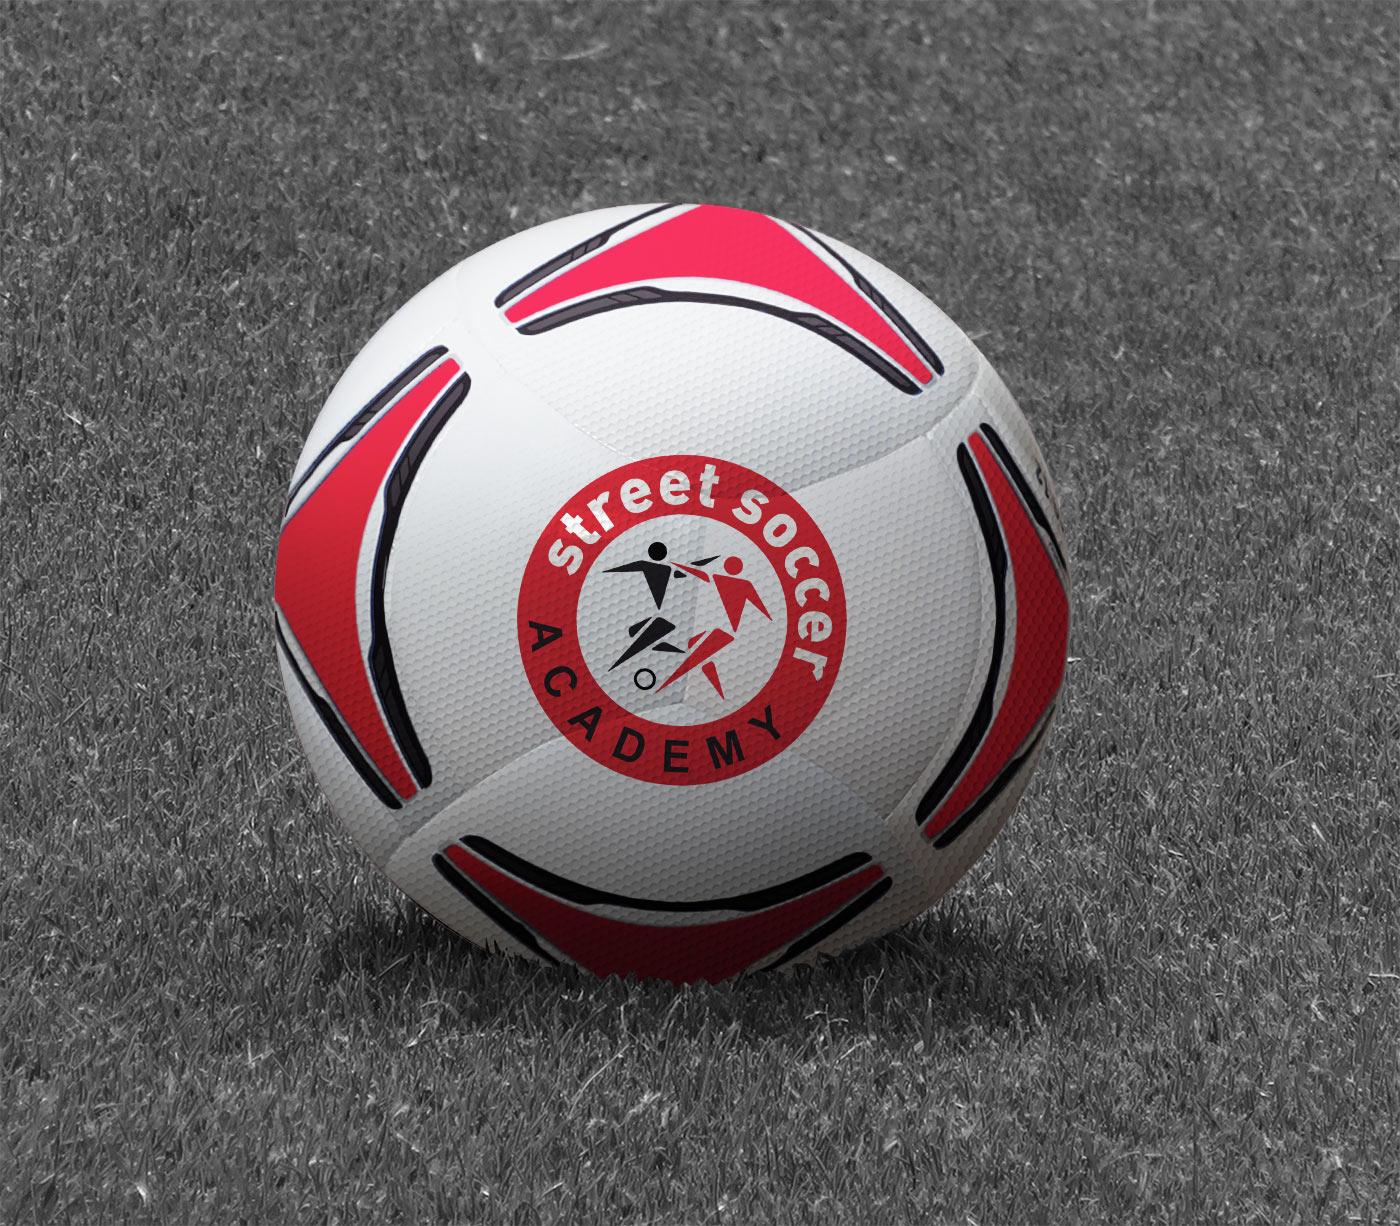 SSA Football